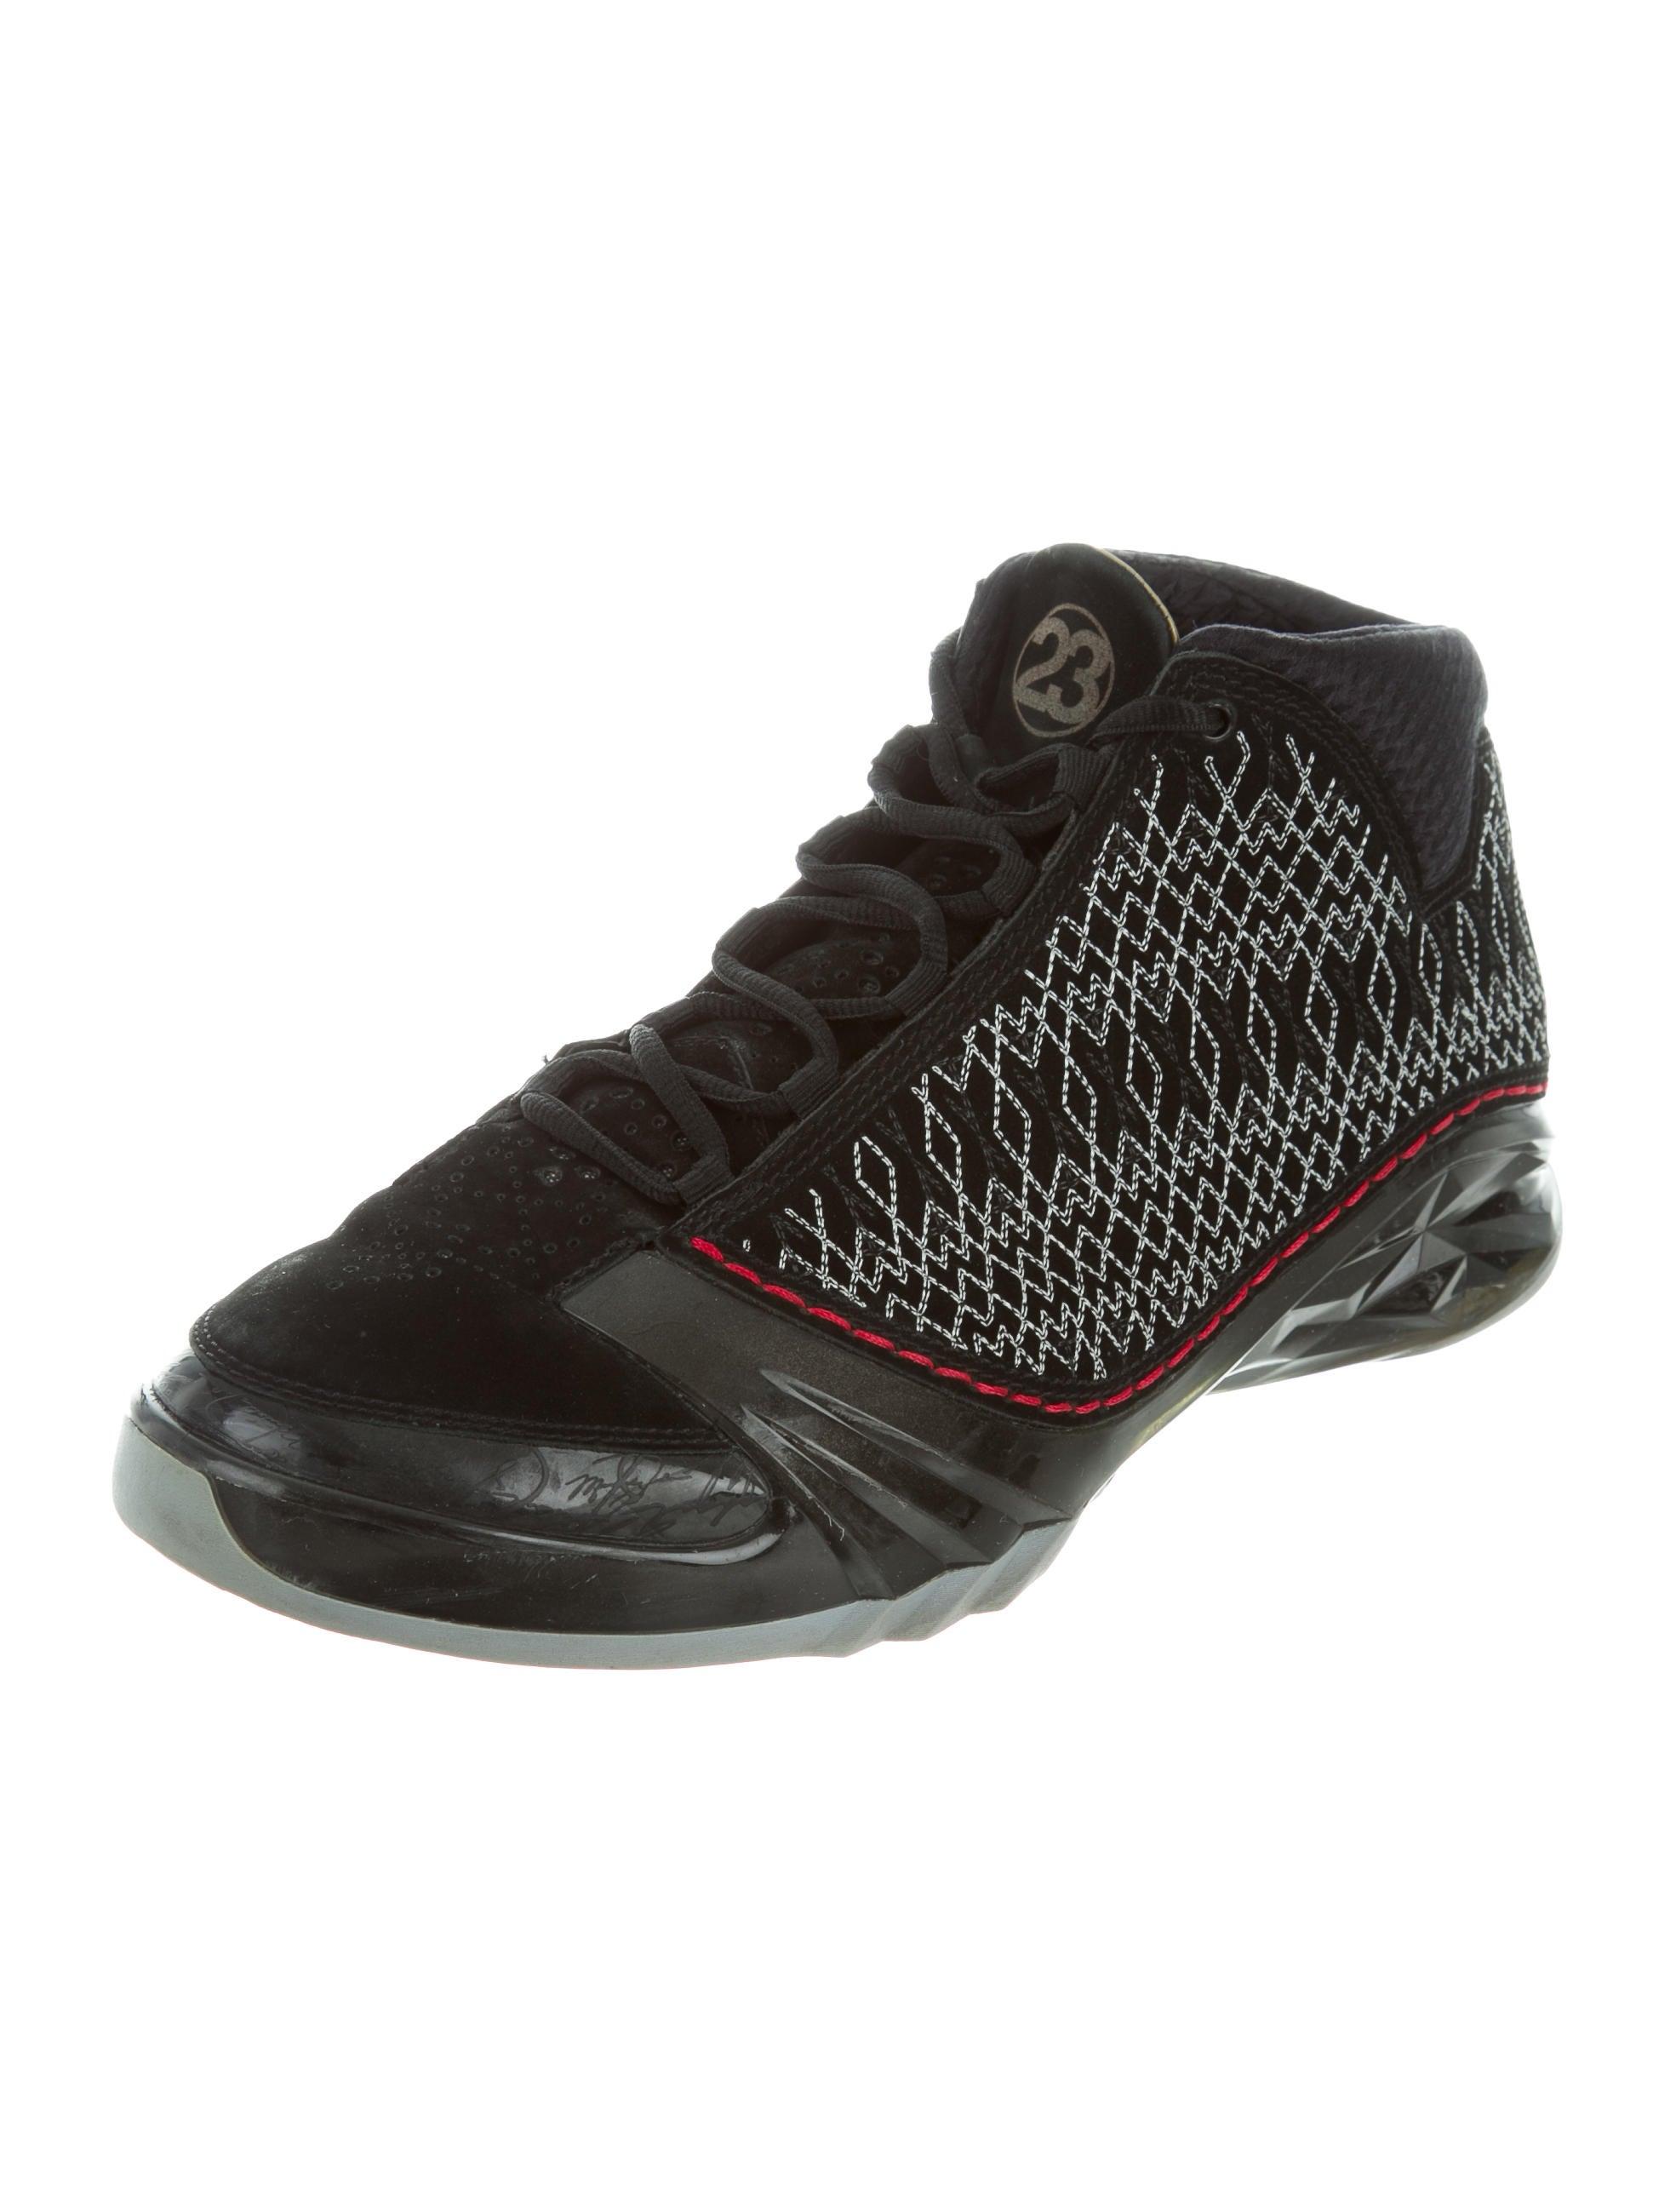 Nike Air Jordan 23 Stealth Sneakers Shoes Wniaj20177